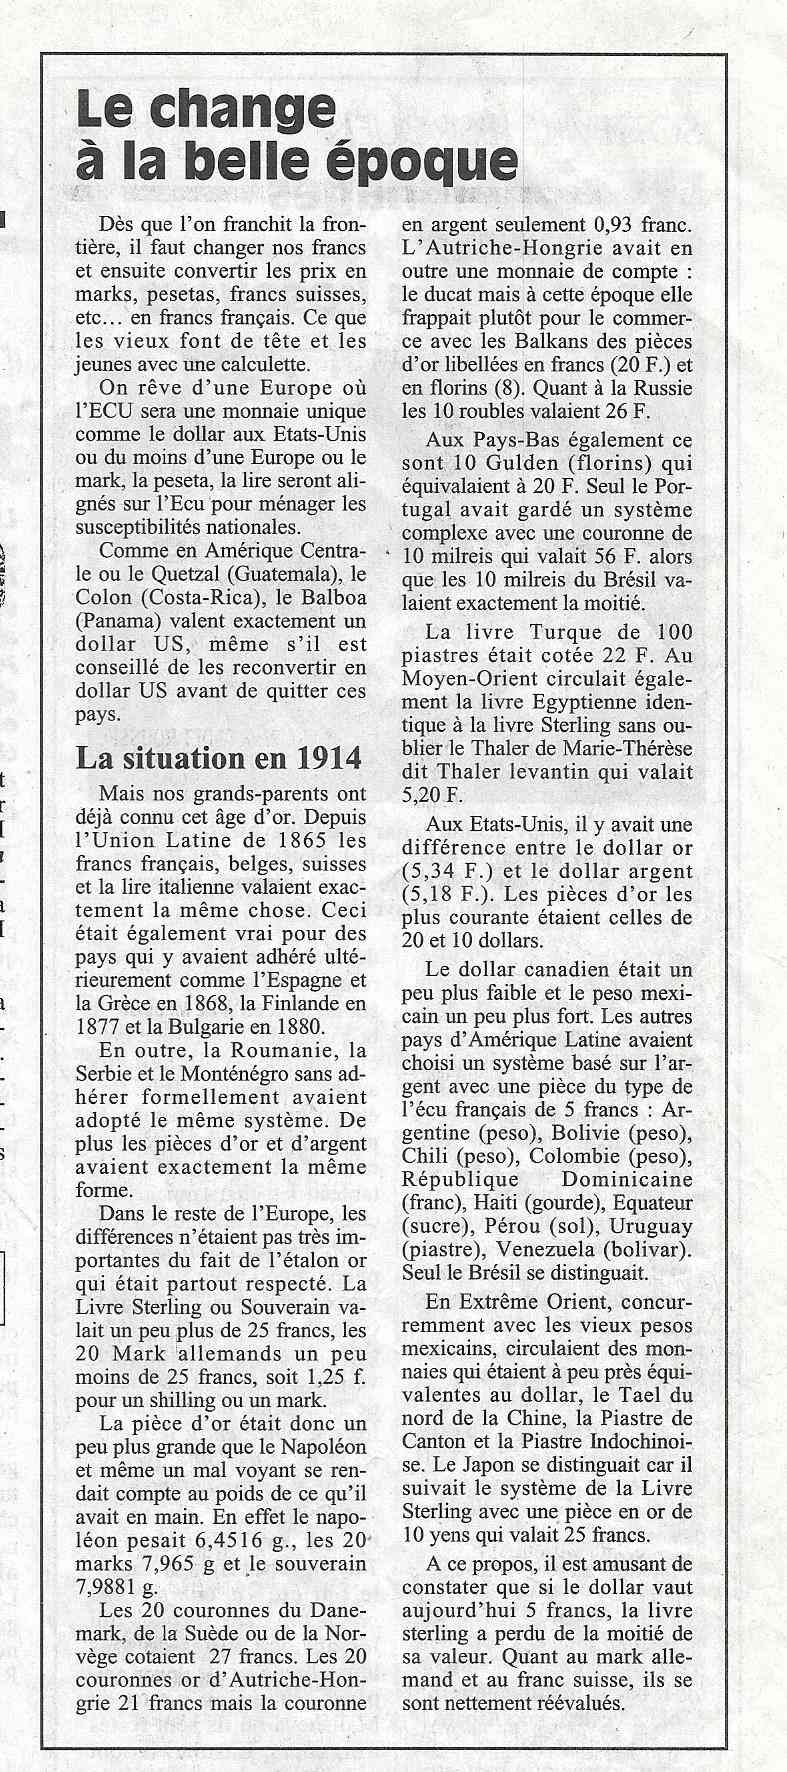 Havre - Histoire de la Monnaie 241